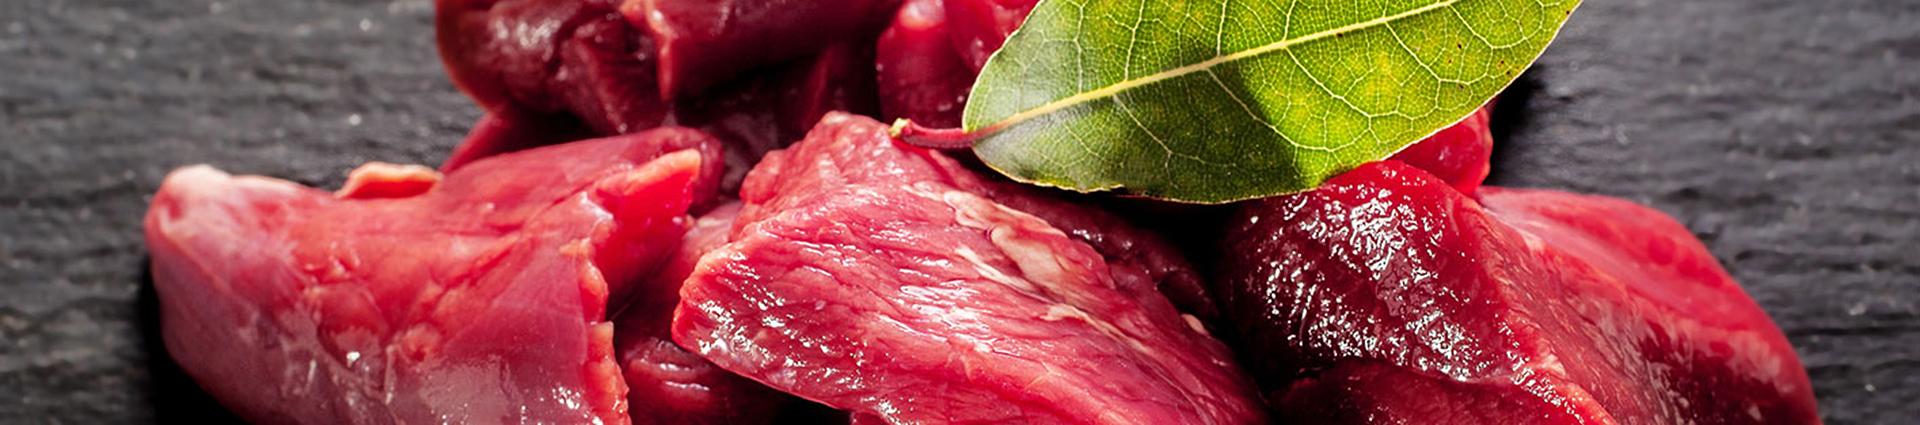 Fleisch/Fleischwaren